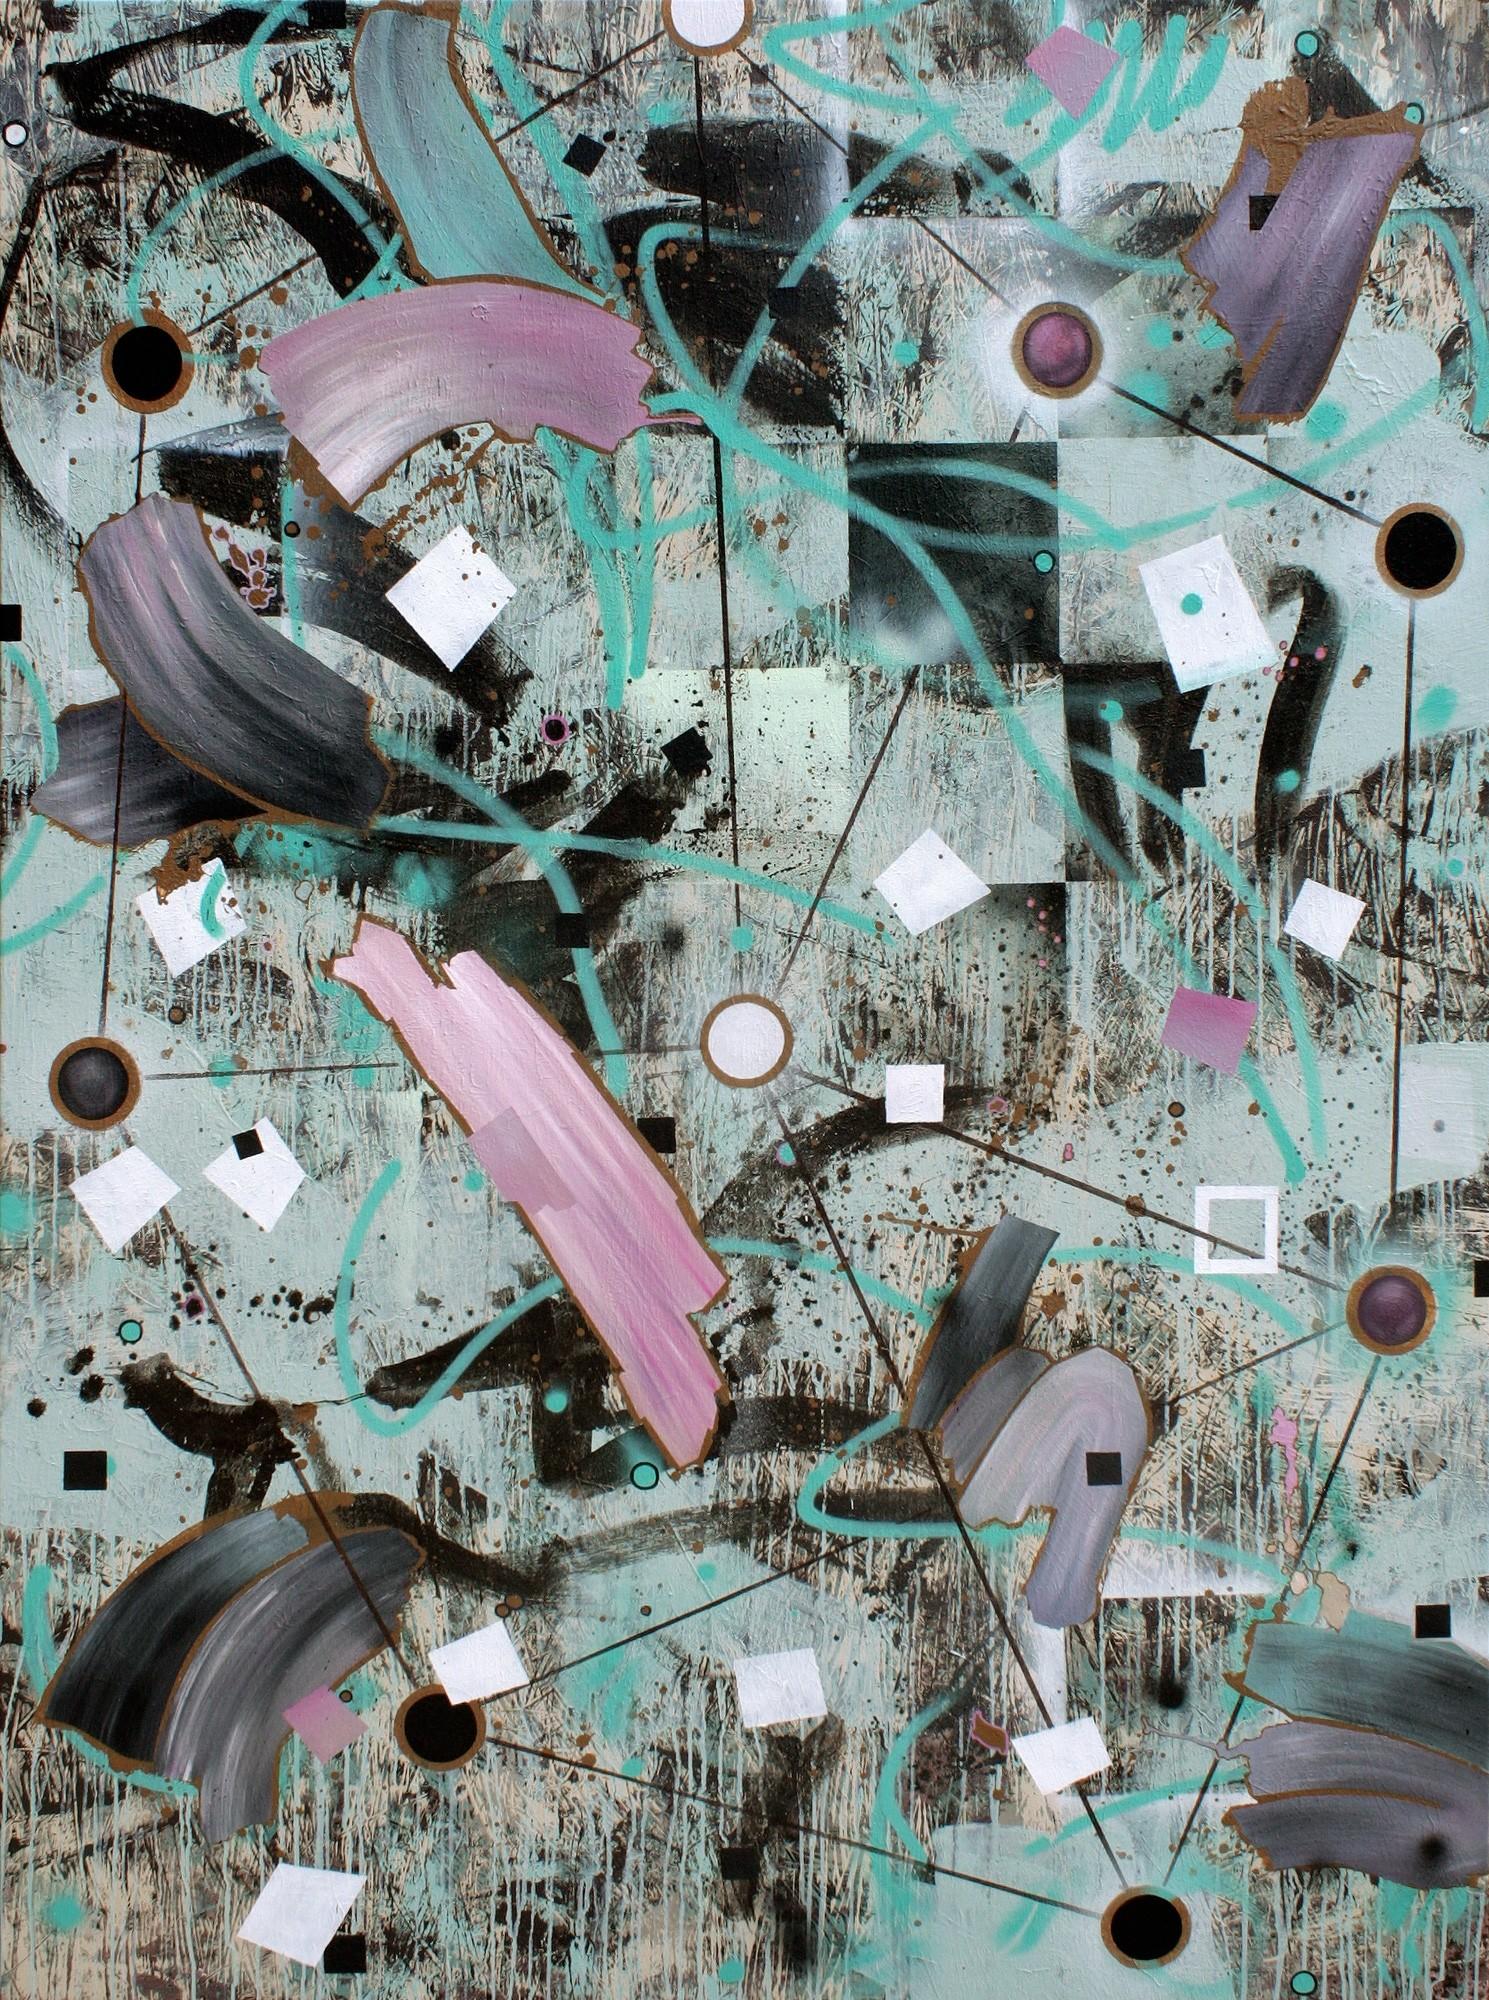 Zwischenräume 12, Malerei von Malwin Faber, Öl, Acryl und Sprühfarbe auf Leinwand